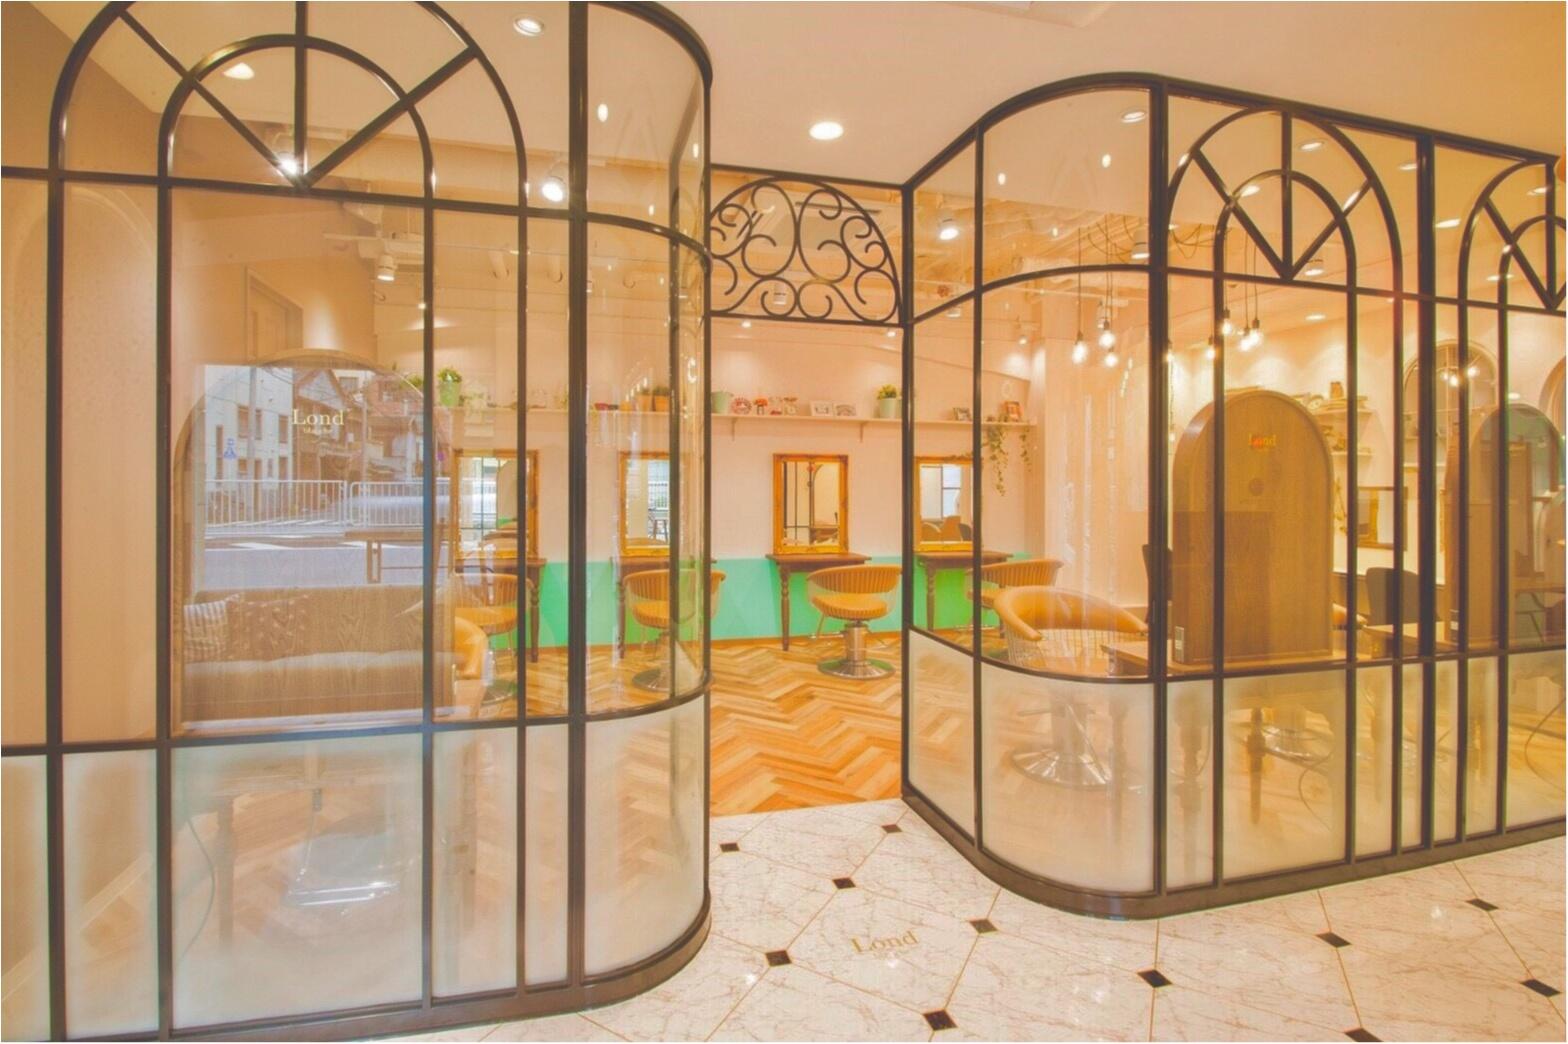 【ヘアサロン】New Open!パリの家をイメージしたお洒落な美容室へ行ってきました♡♡ お洒落なのにお手頃価格で〇〇〇ルームも完備?! _8